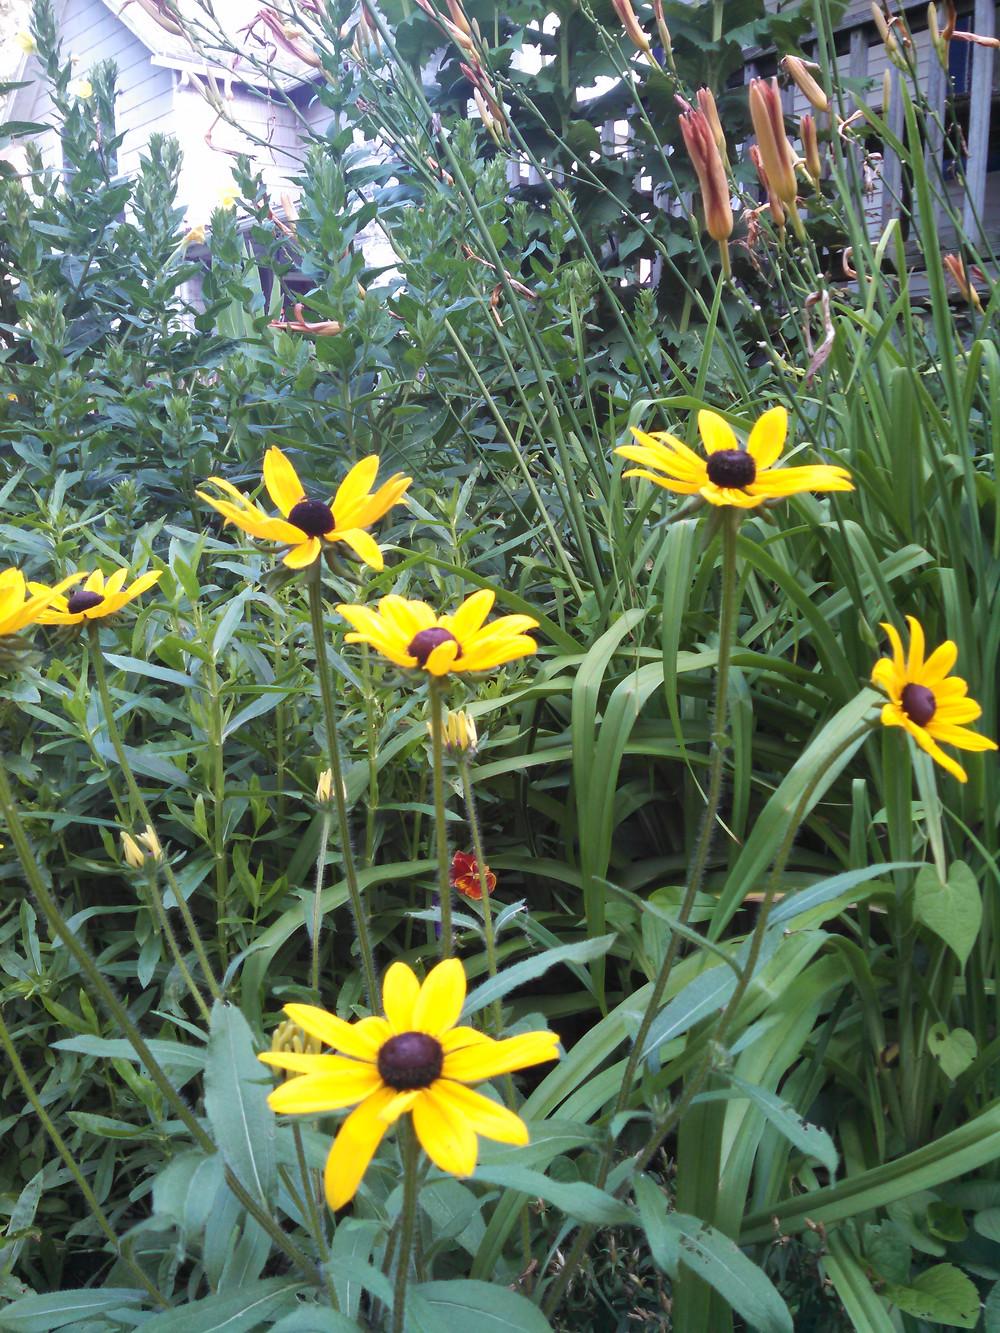 flowers07-02-15.jpg